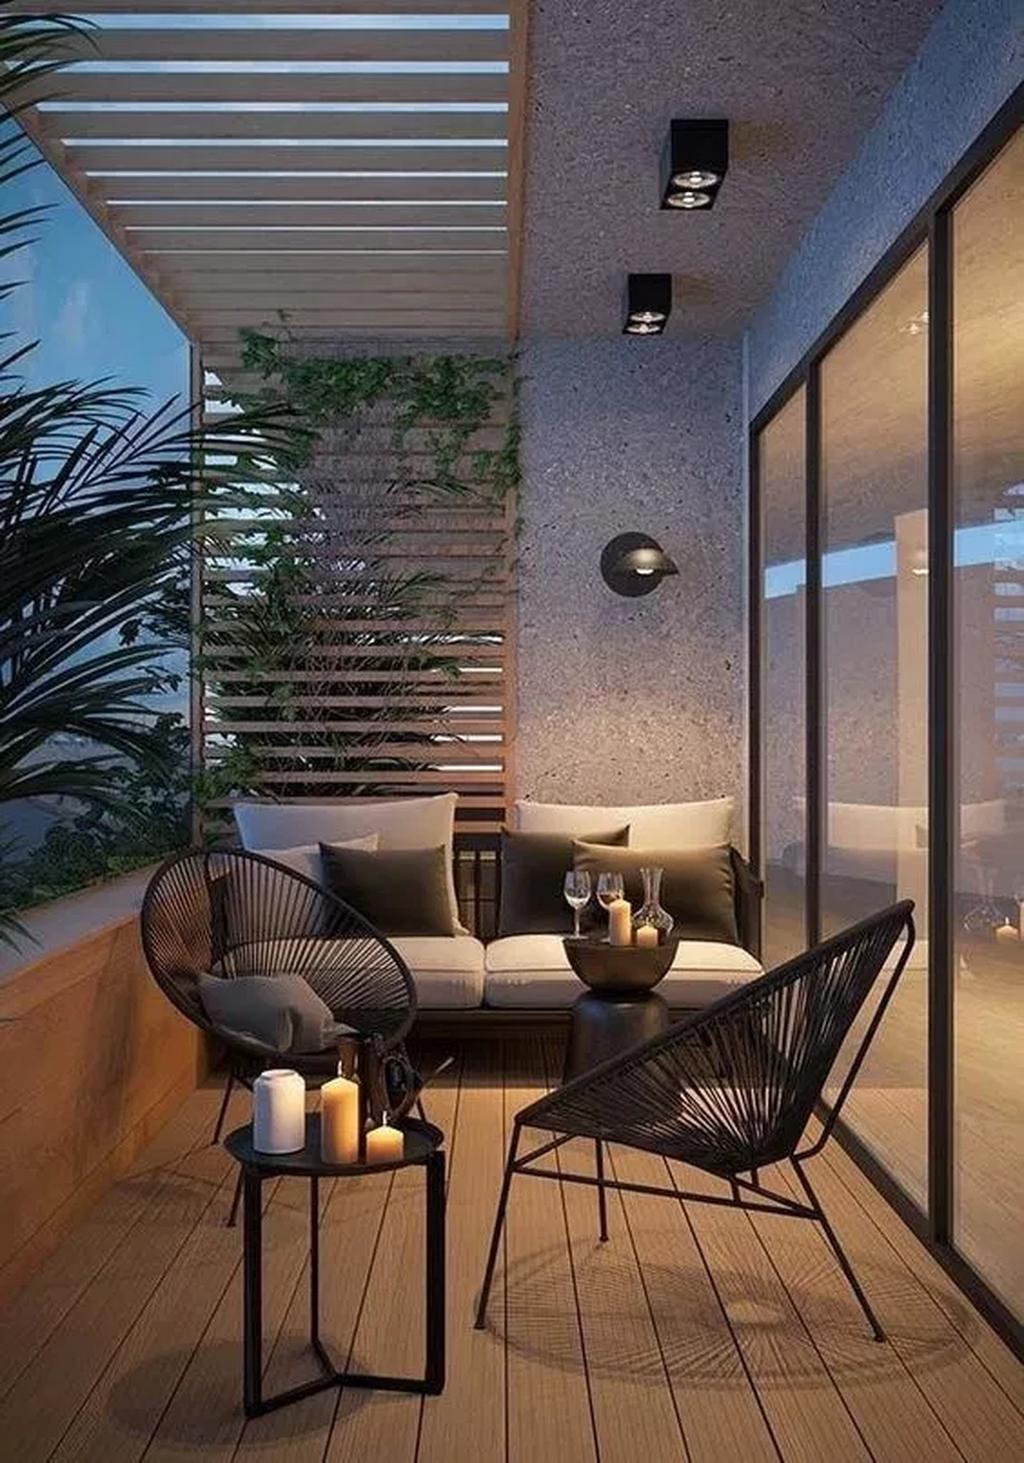 60 Small Apartment Balcony Garden Design Ideas Balcony Decor Terrace Garden Design Patio Garden Design